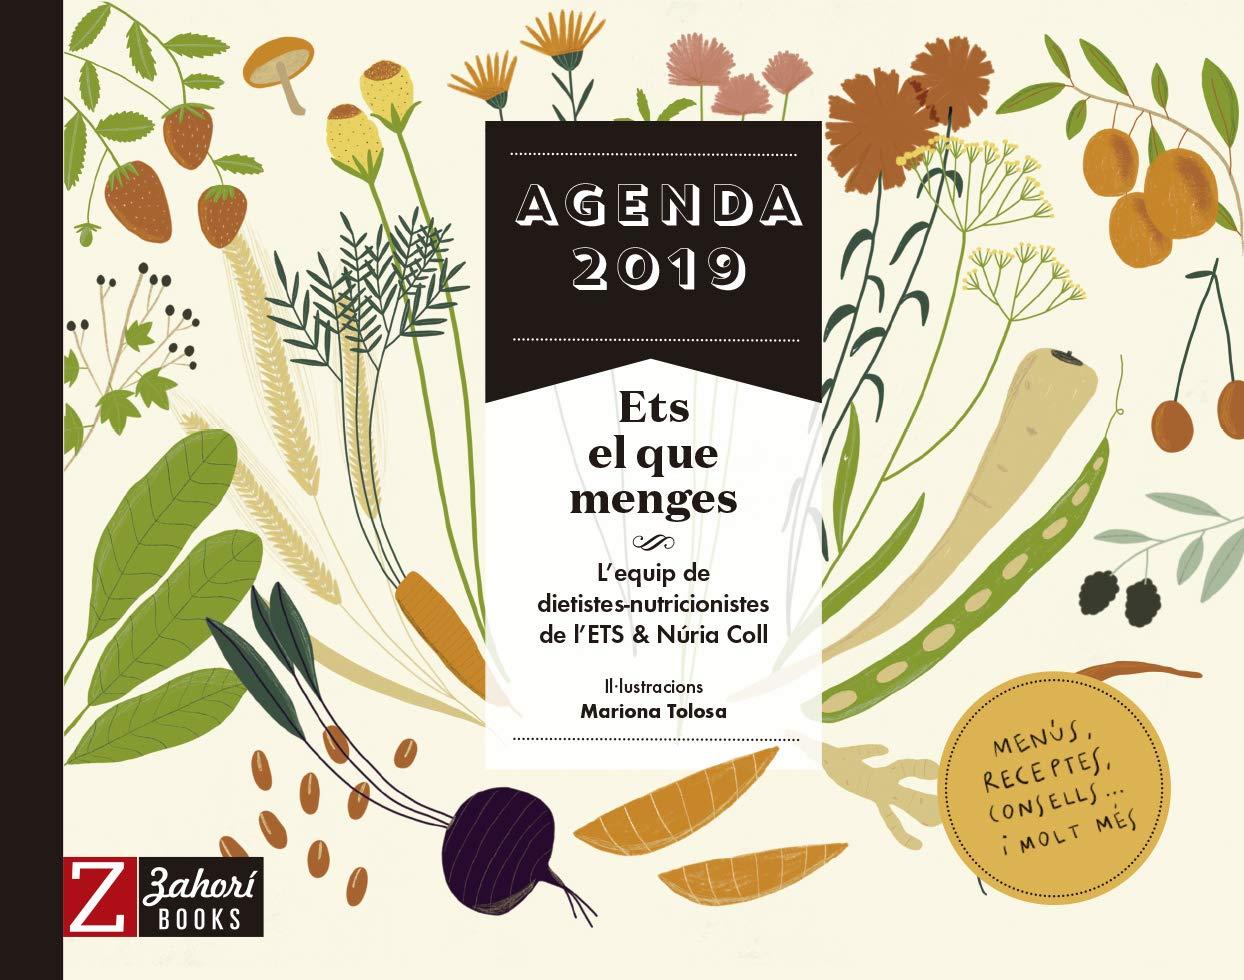 Agenda 2019 Ets el que menges: Amazon.es: Núria Coll, Zahorí ...